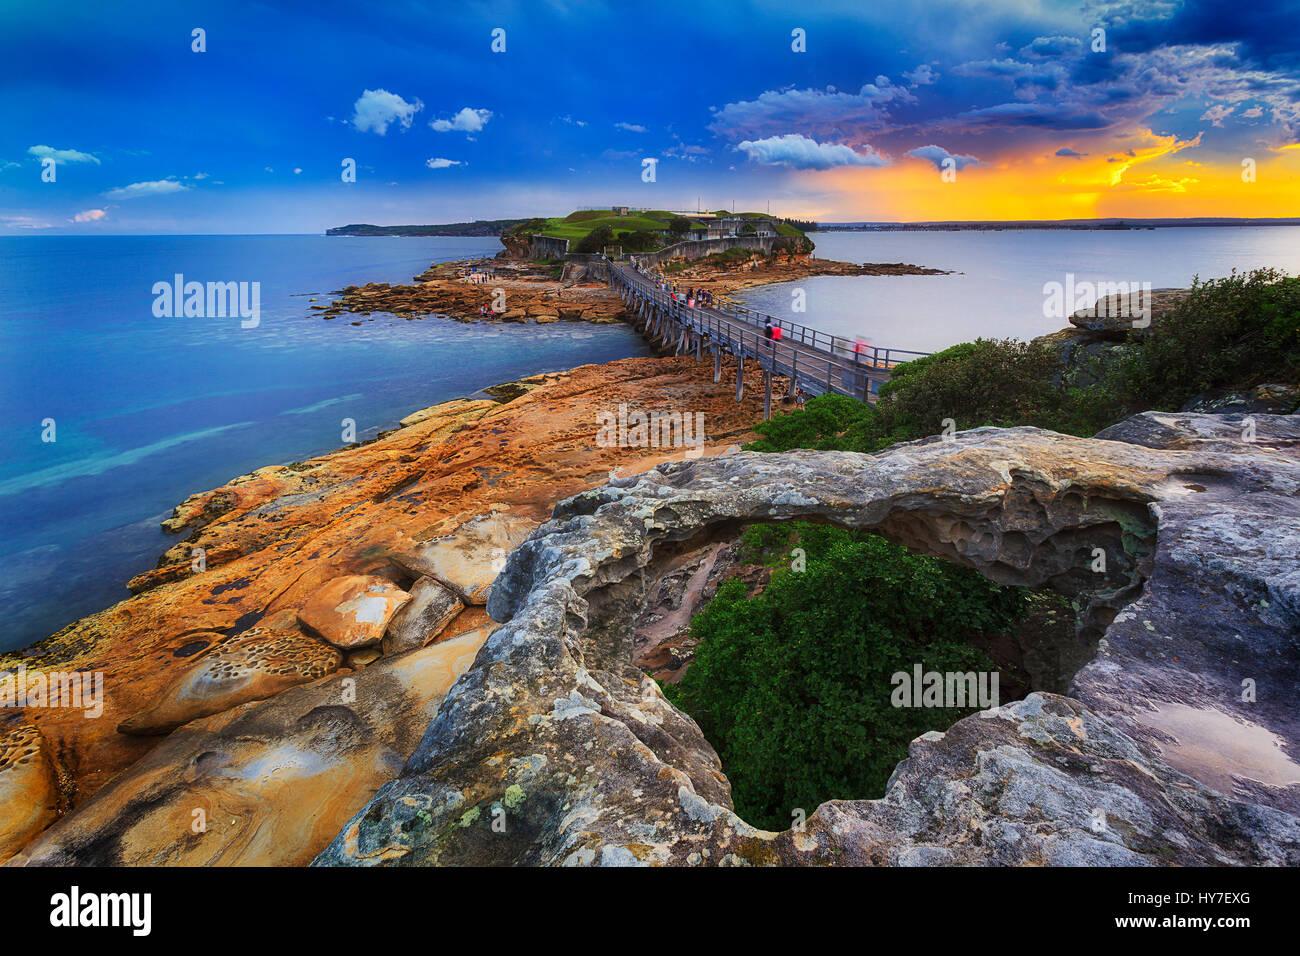 Tramonto colorato su Citadel sull Isola nuda in Sydney Botany Bay area costiera. Le tempeste e scoscesi riflettono Immagini Stock